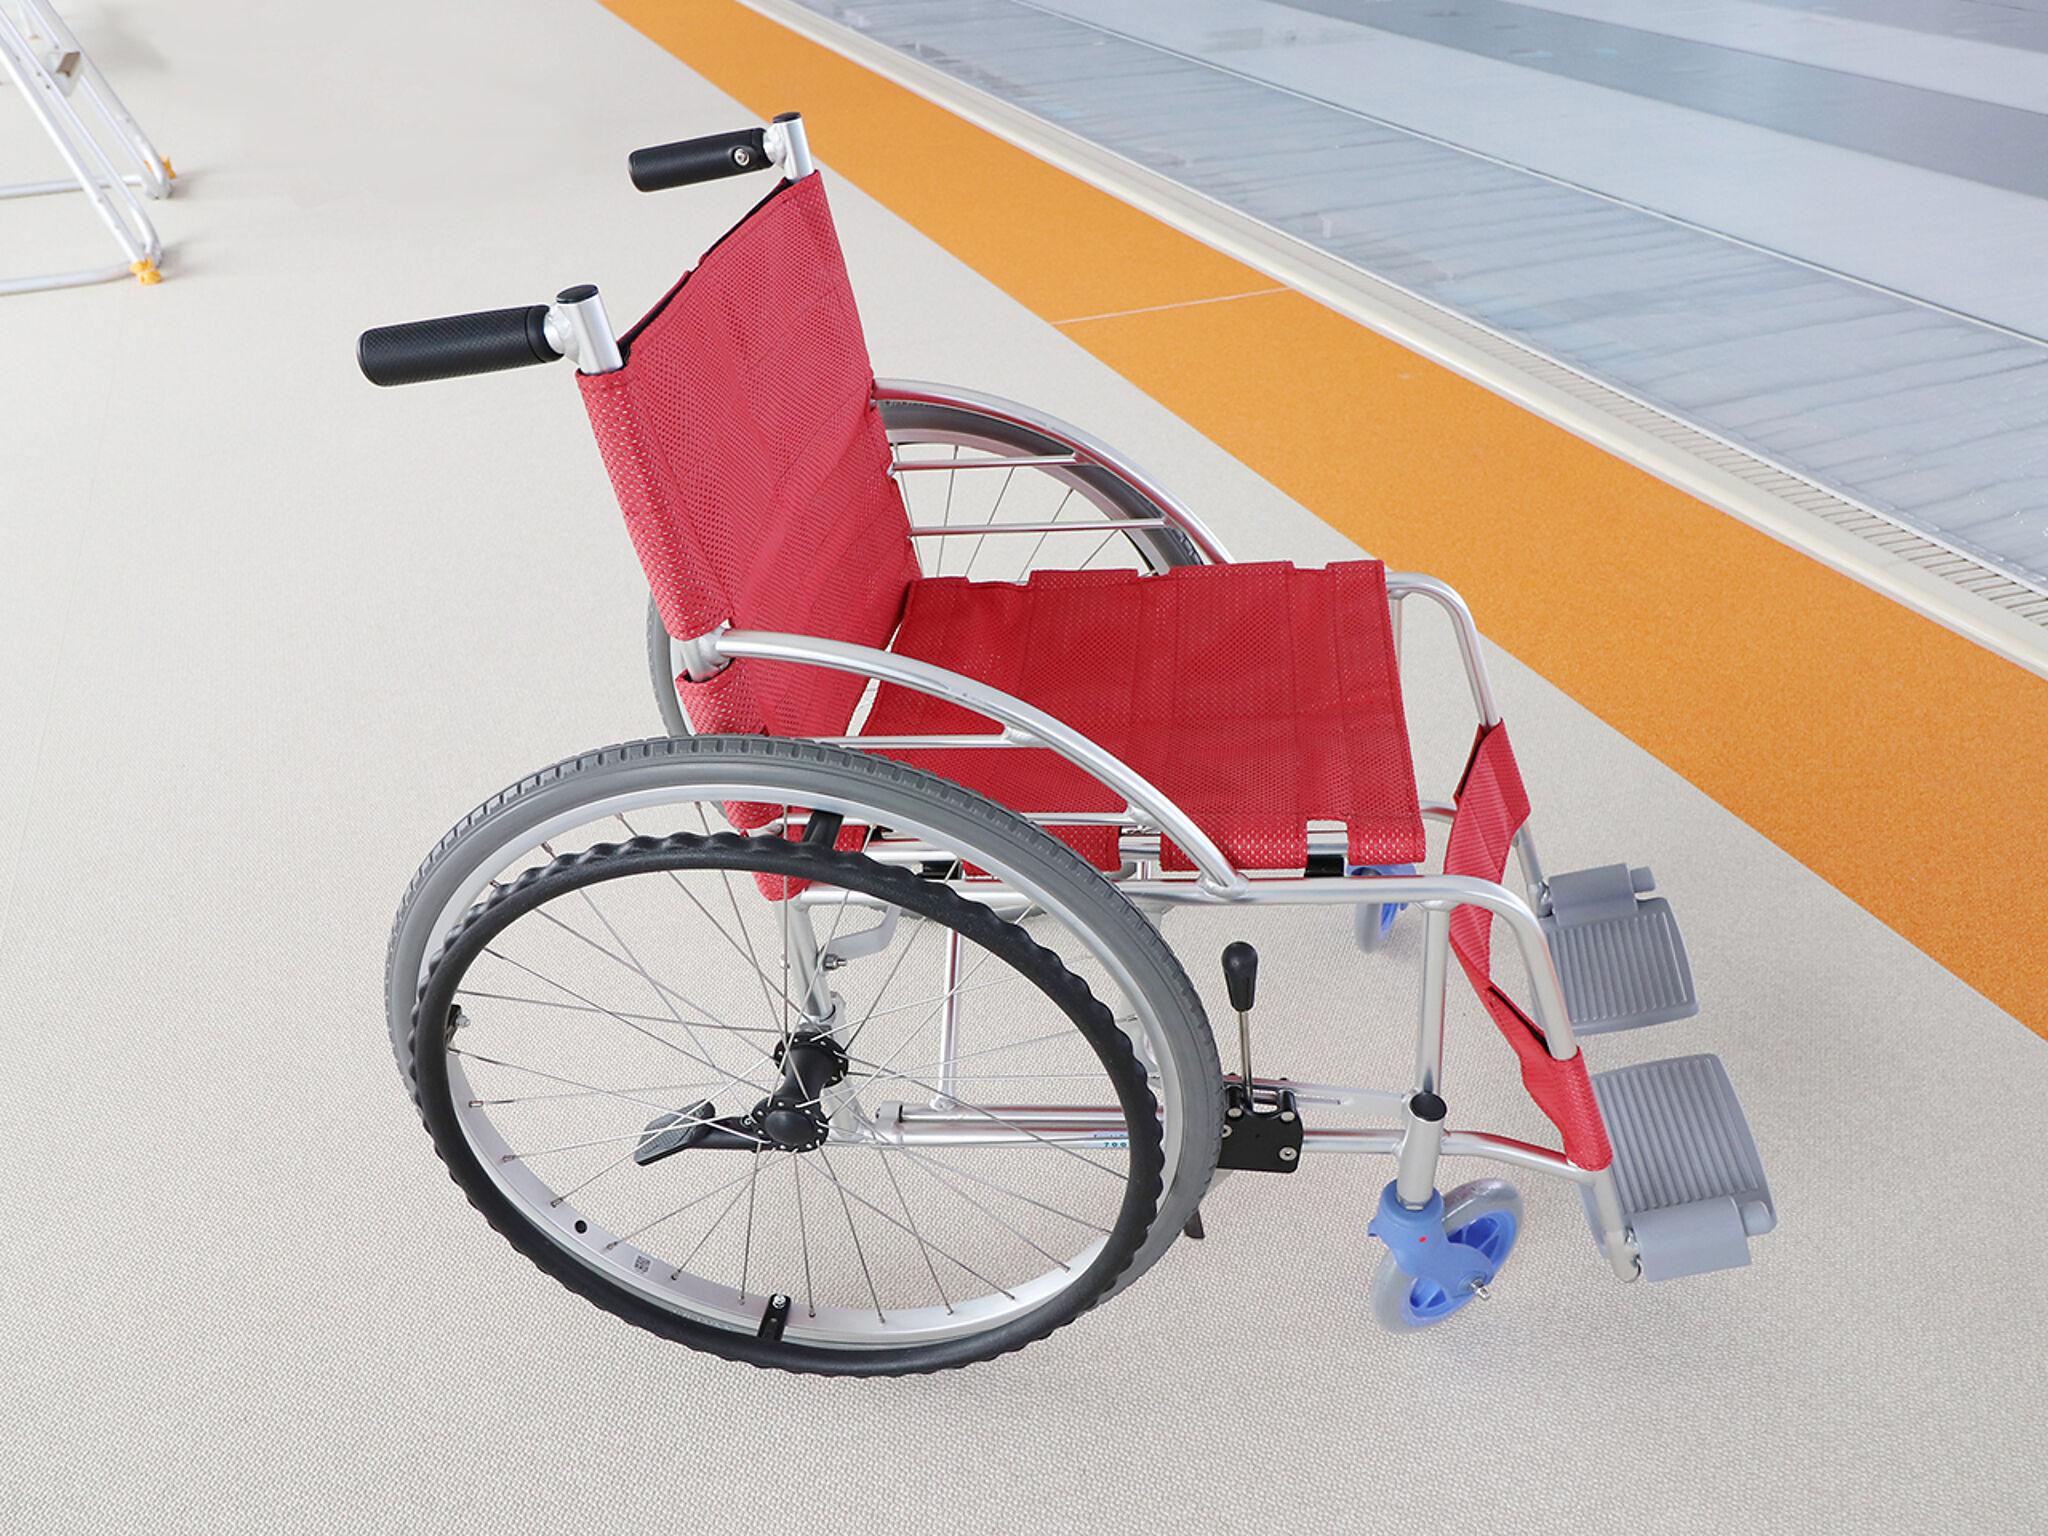 プール・ボランティアが開発した車いすの画像